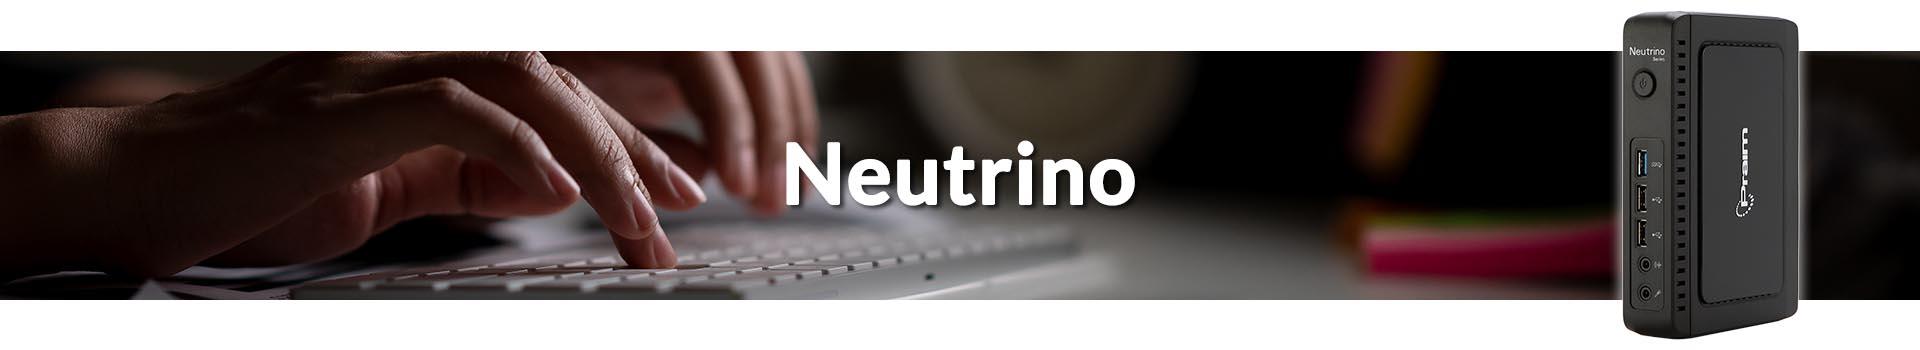 neutrino_new